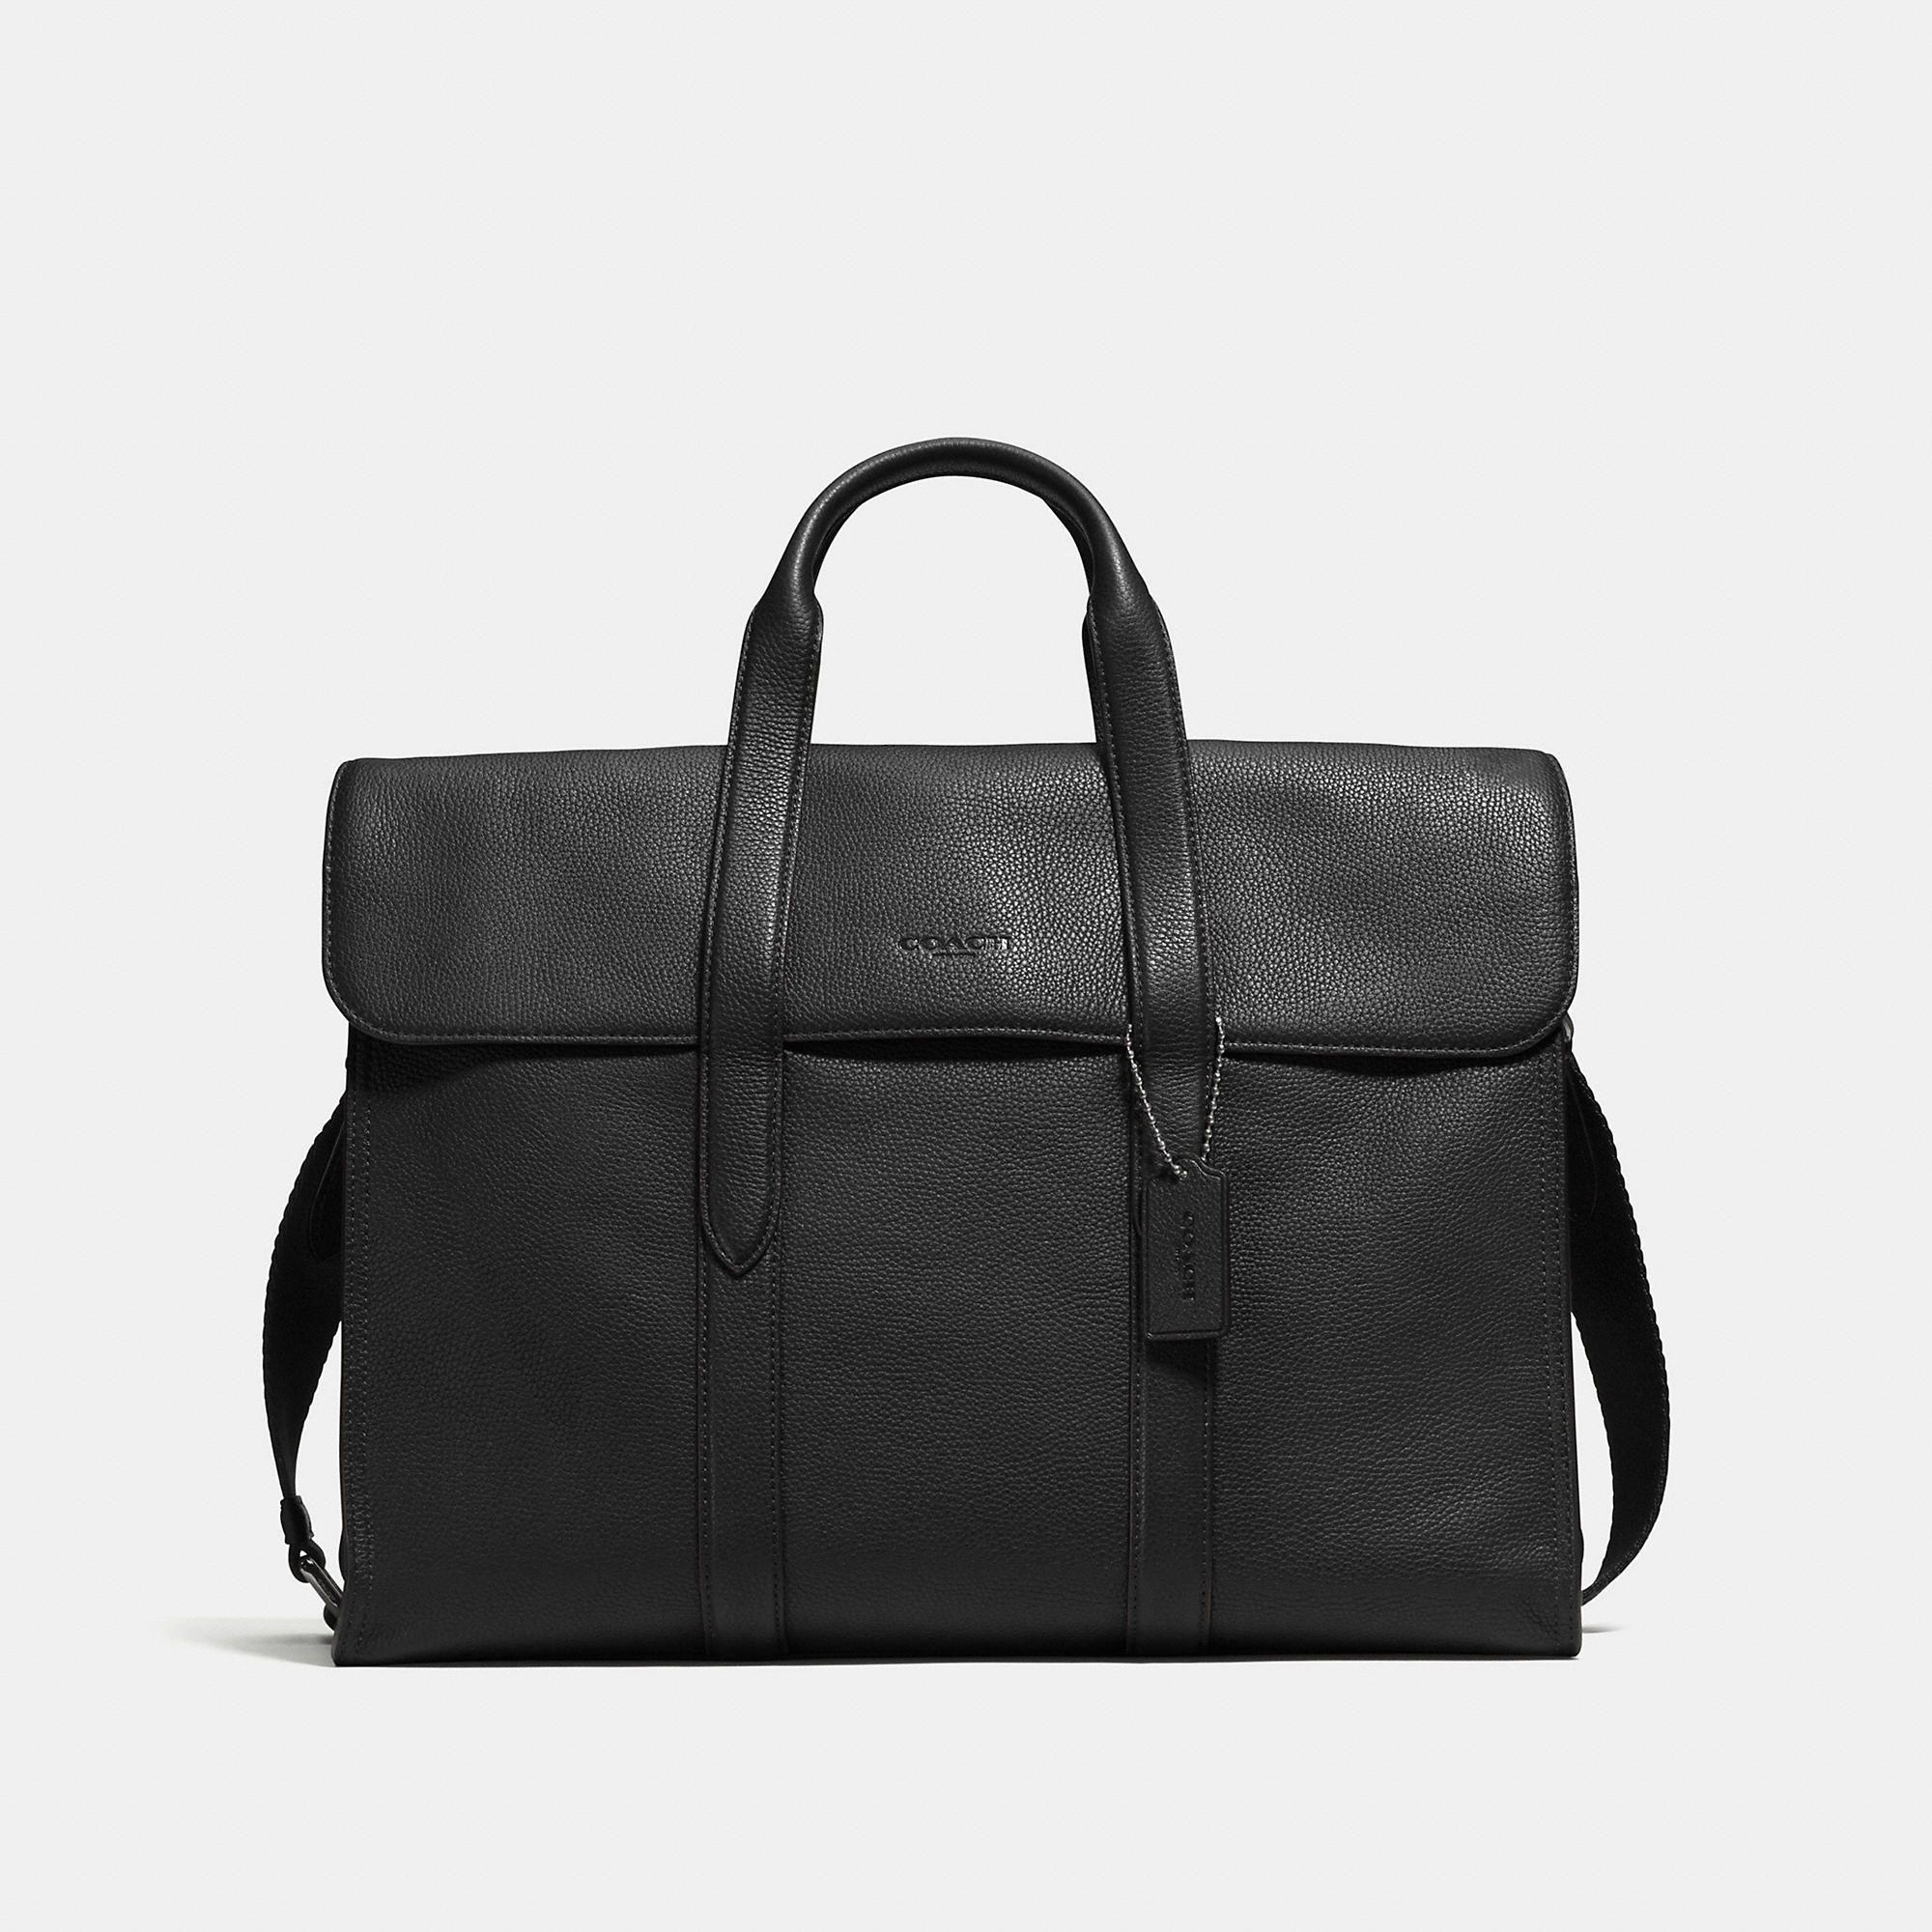 c131e0483d8c Coach Metropolitan Portfolio | Products | Bags, Briefcase, Leather